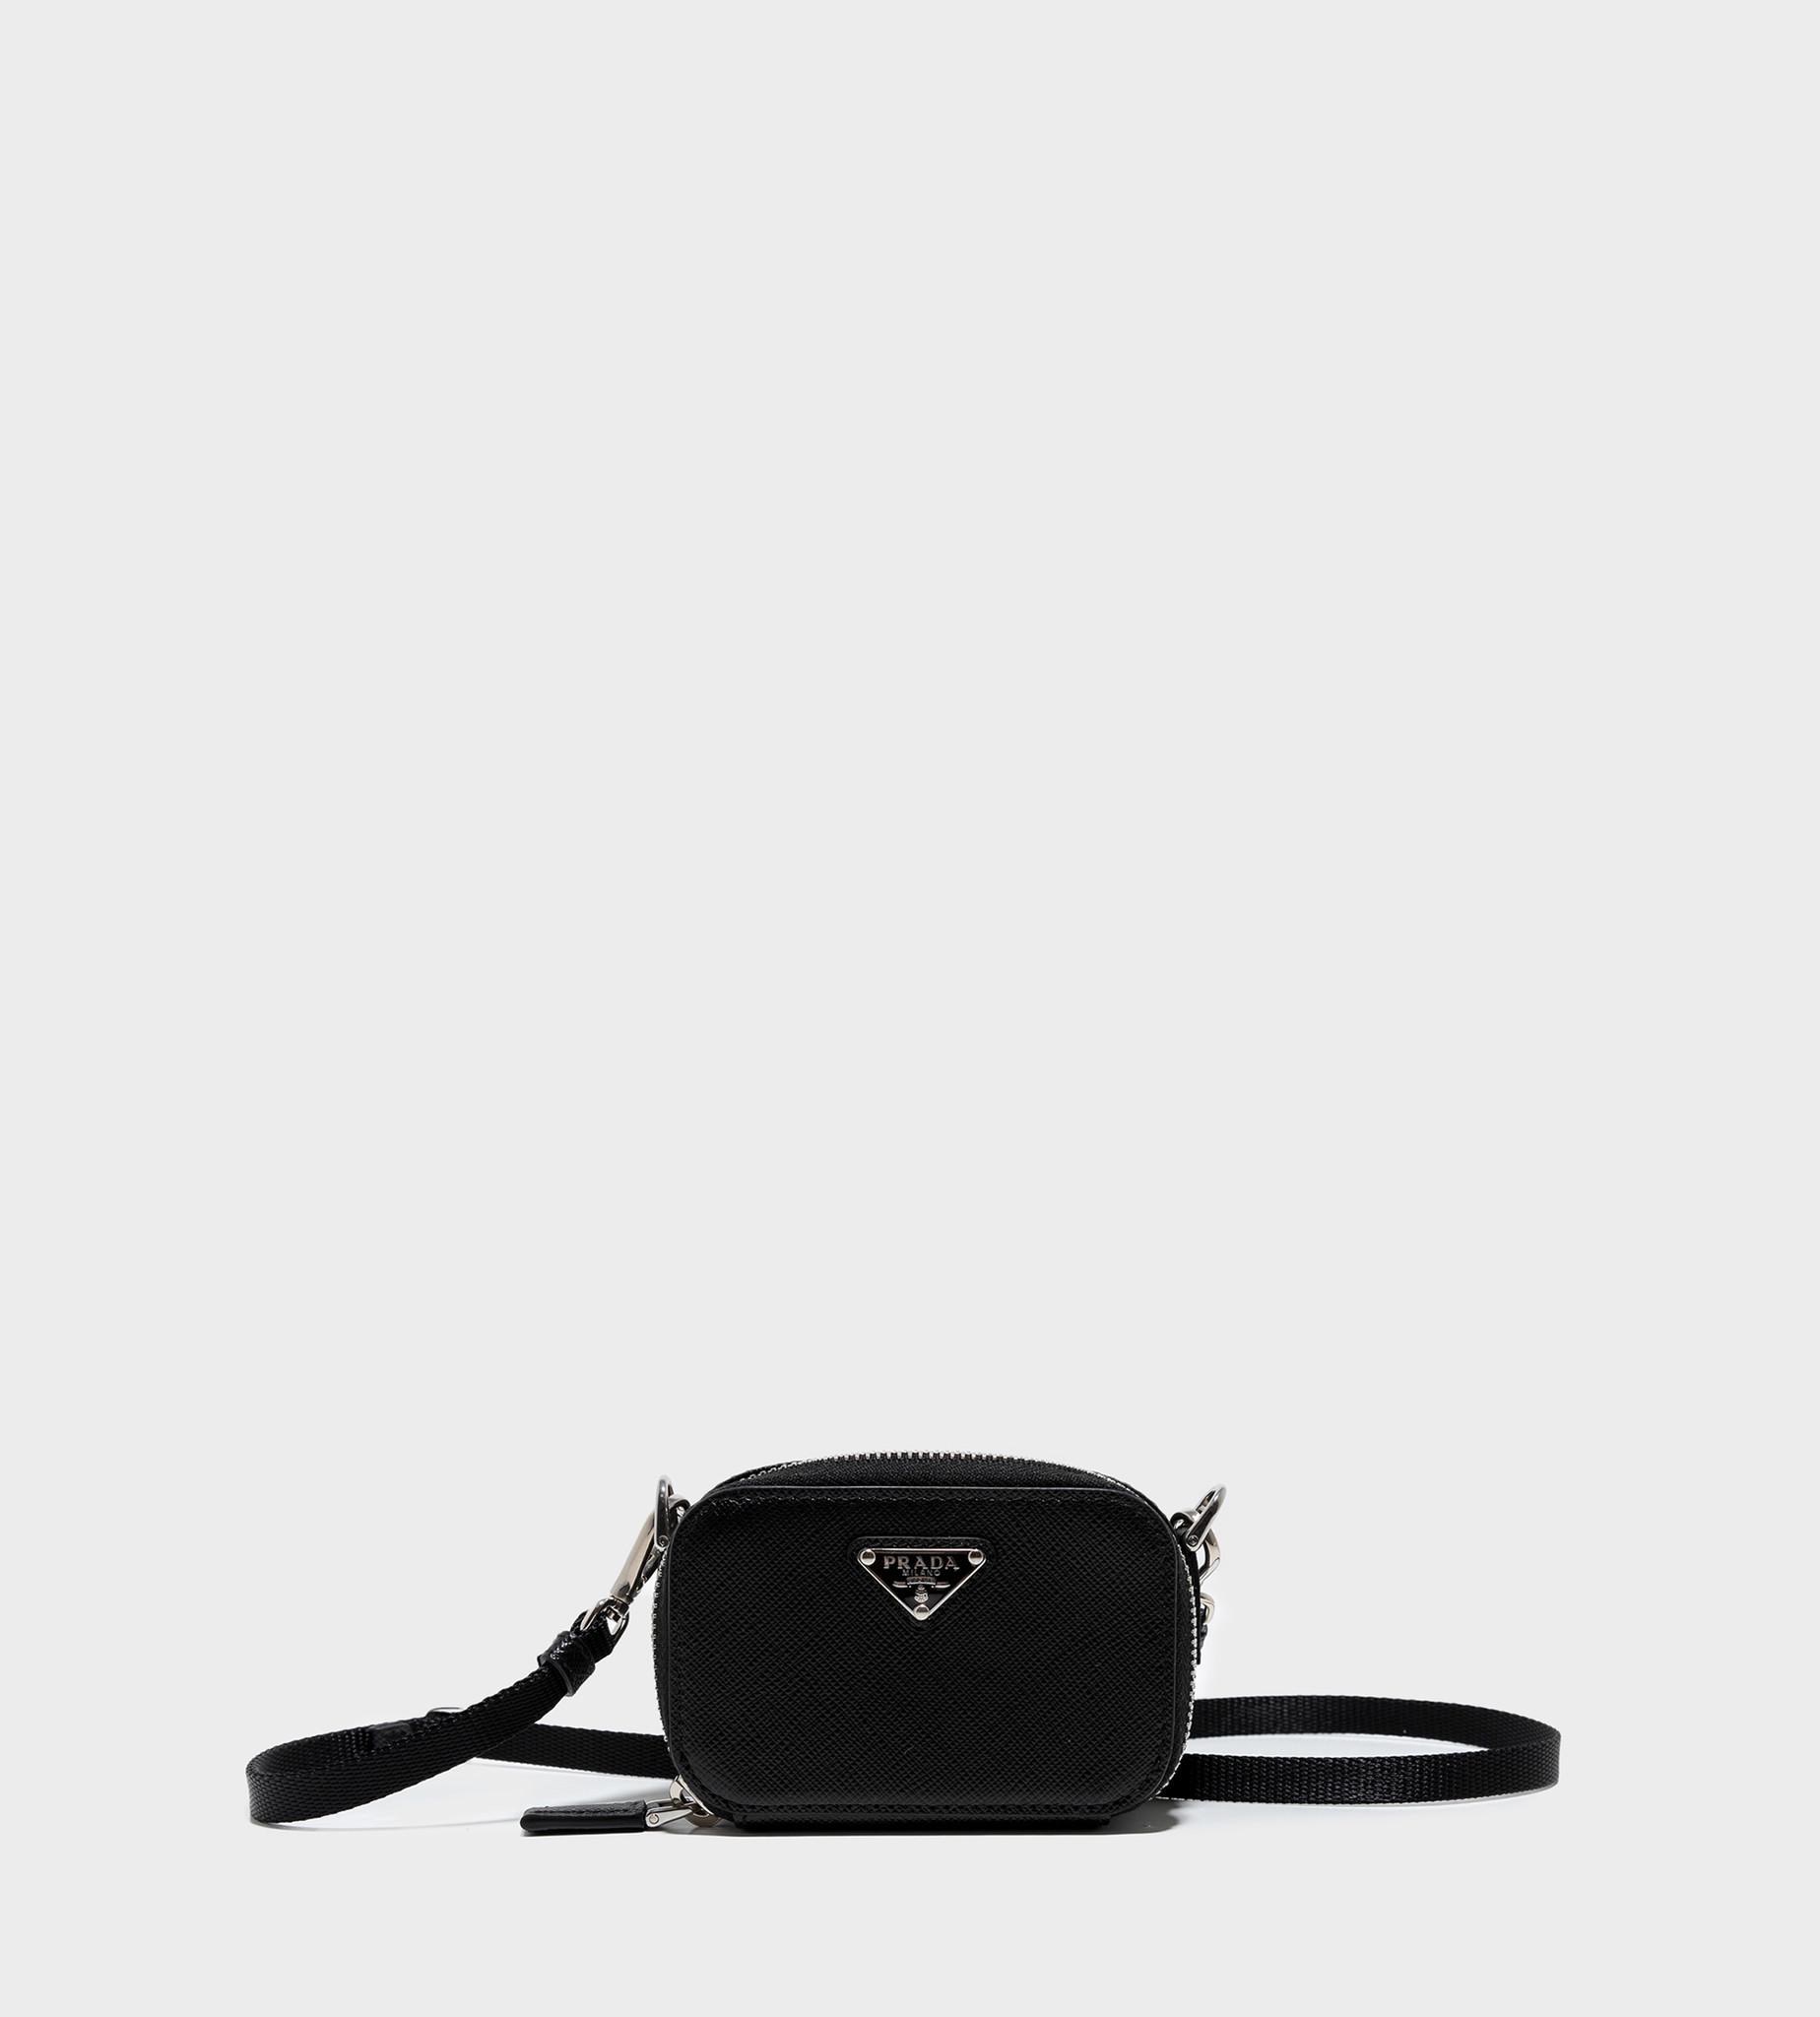 PRADA Saffiano Leather Mini Pouch